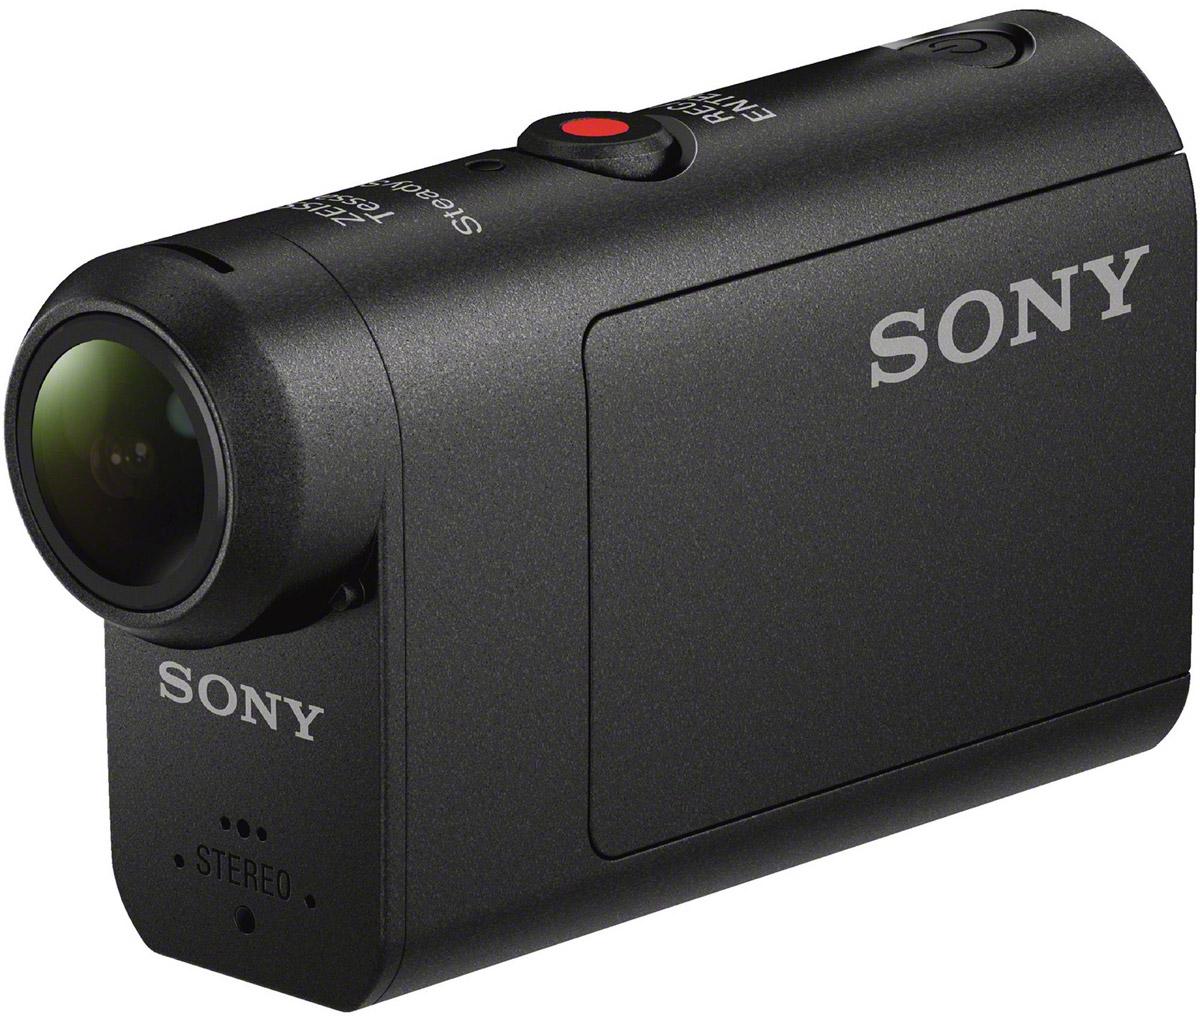 Sony HDR-AS50 экшн-камераHDR-AS50Будьте готовы к съемке в любой момент и в любой ситуации с Sony HDR-AS50. Выбирать и менять функции теперь просто, как никогда, благодаря новому интуитивному интерфейсу, где все пункты меню легко доступны. Оцените удобную настройку камеры и выбирайте нужные вам параметры. Камеру можно включать и выключать через смартфон с приложением PlayMemories Mobile. Создавайте безупречно четкие видеоролики благодаря системе стабилизации изображения SteadyShot, снимайте в темноте и полумраке благодаря высокой чувствительности матрицы, настраивайте ширину охвата кадра с функцией изменения поля зрения. Матрица Exmor R, процессор BIONZ X и объектив ZEISS — секрет безупречного качества изображения кроется в этих трех компонентах. Система стабилизации изображения SteadyShot устраняет мелкое дрожание видео, которое возникает при съемке с велосипеда и при других активных движениях. Теперь у вас есть возможность снимать захватывающие видео от первого лица,...